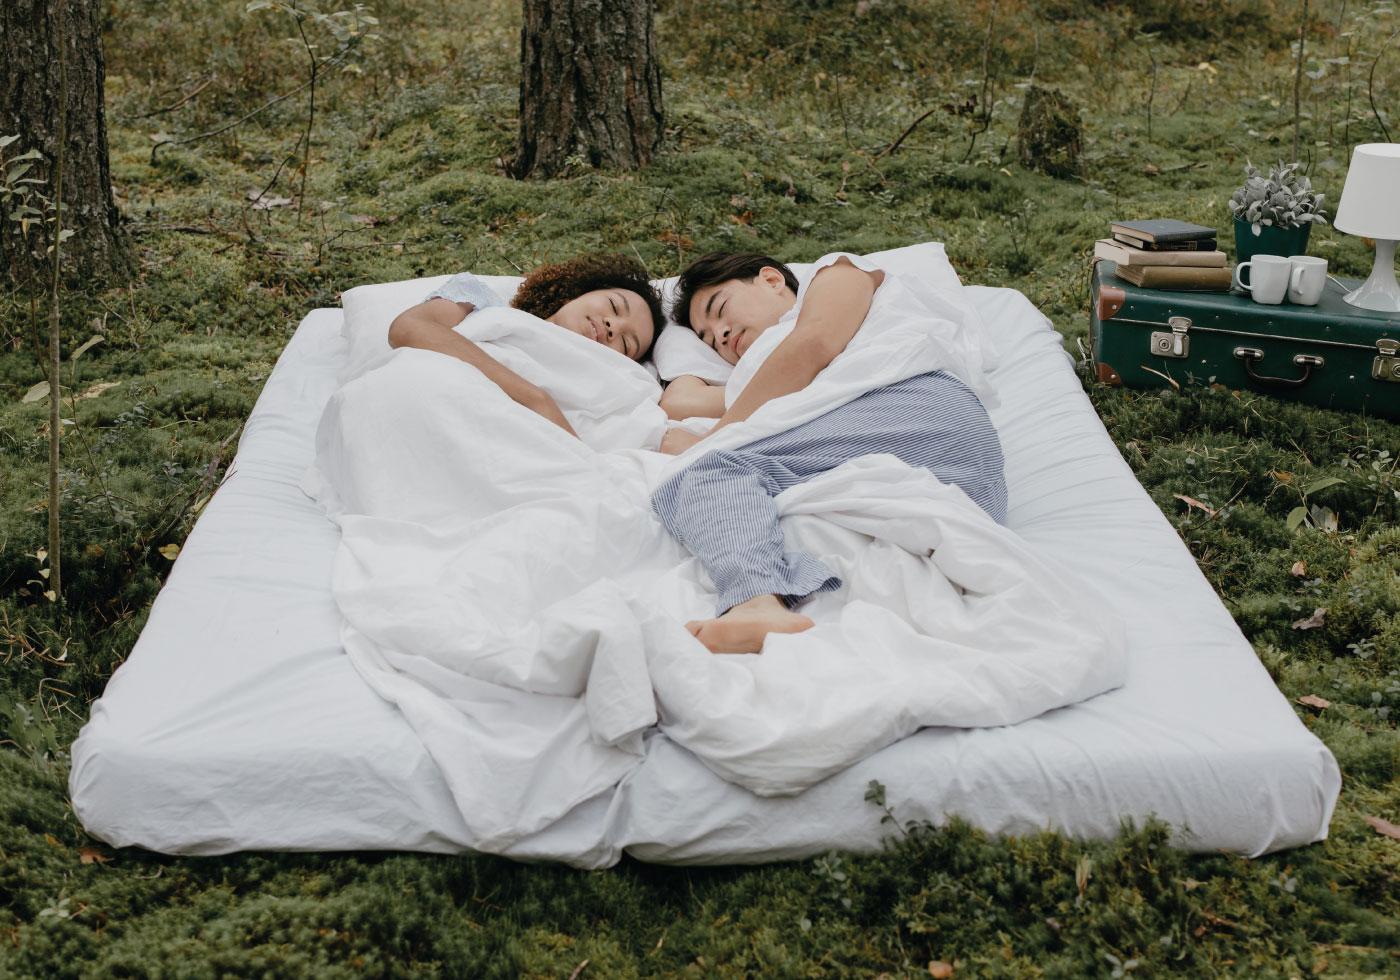 In hochwertiger Bettwäsche in der Natur schlafen